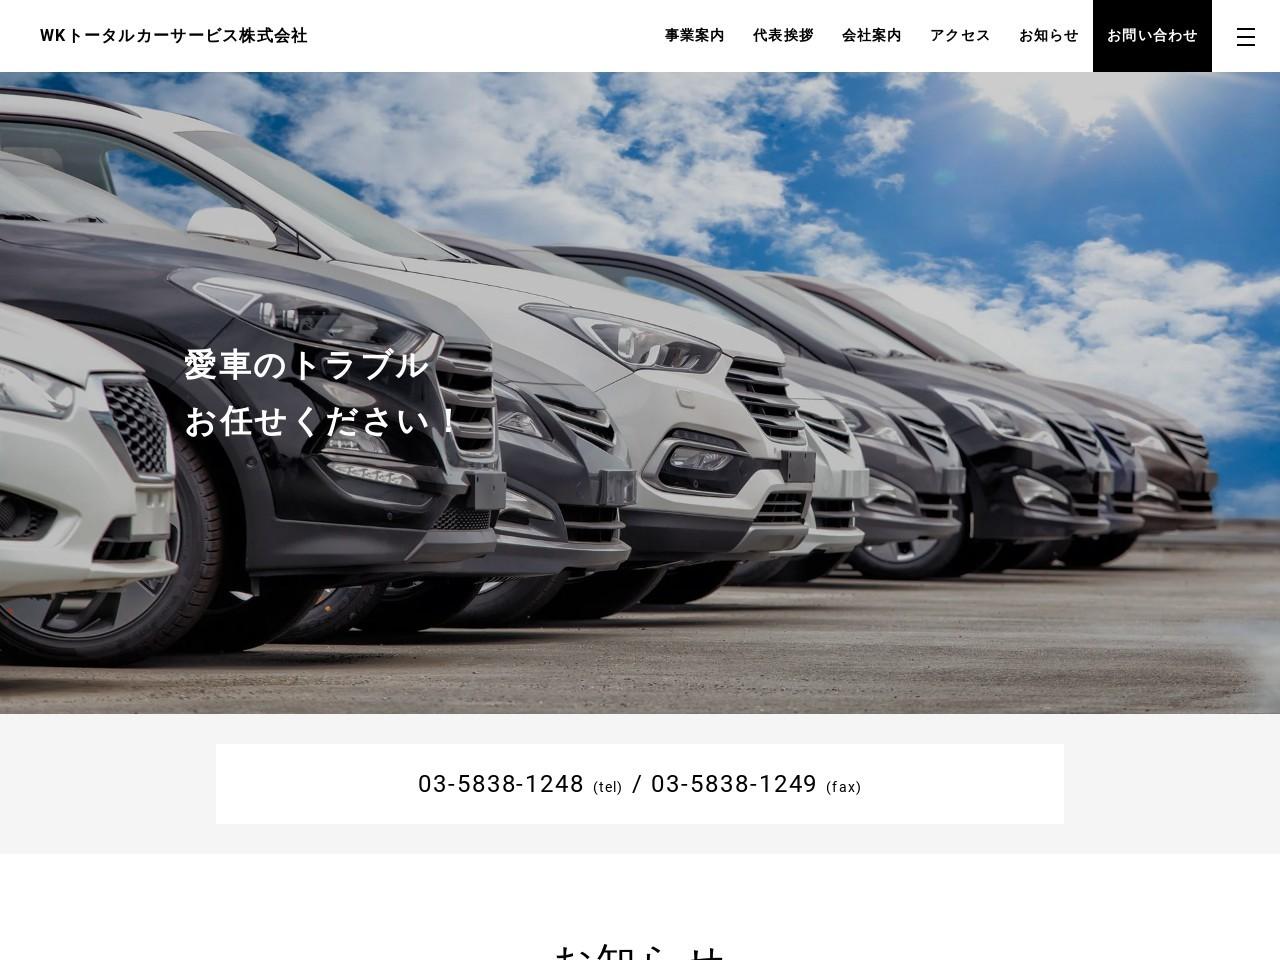 WKトータルカーサービス株式会社